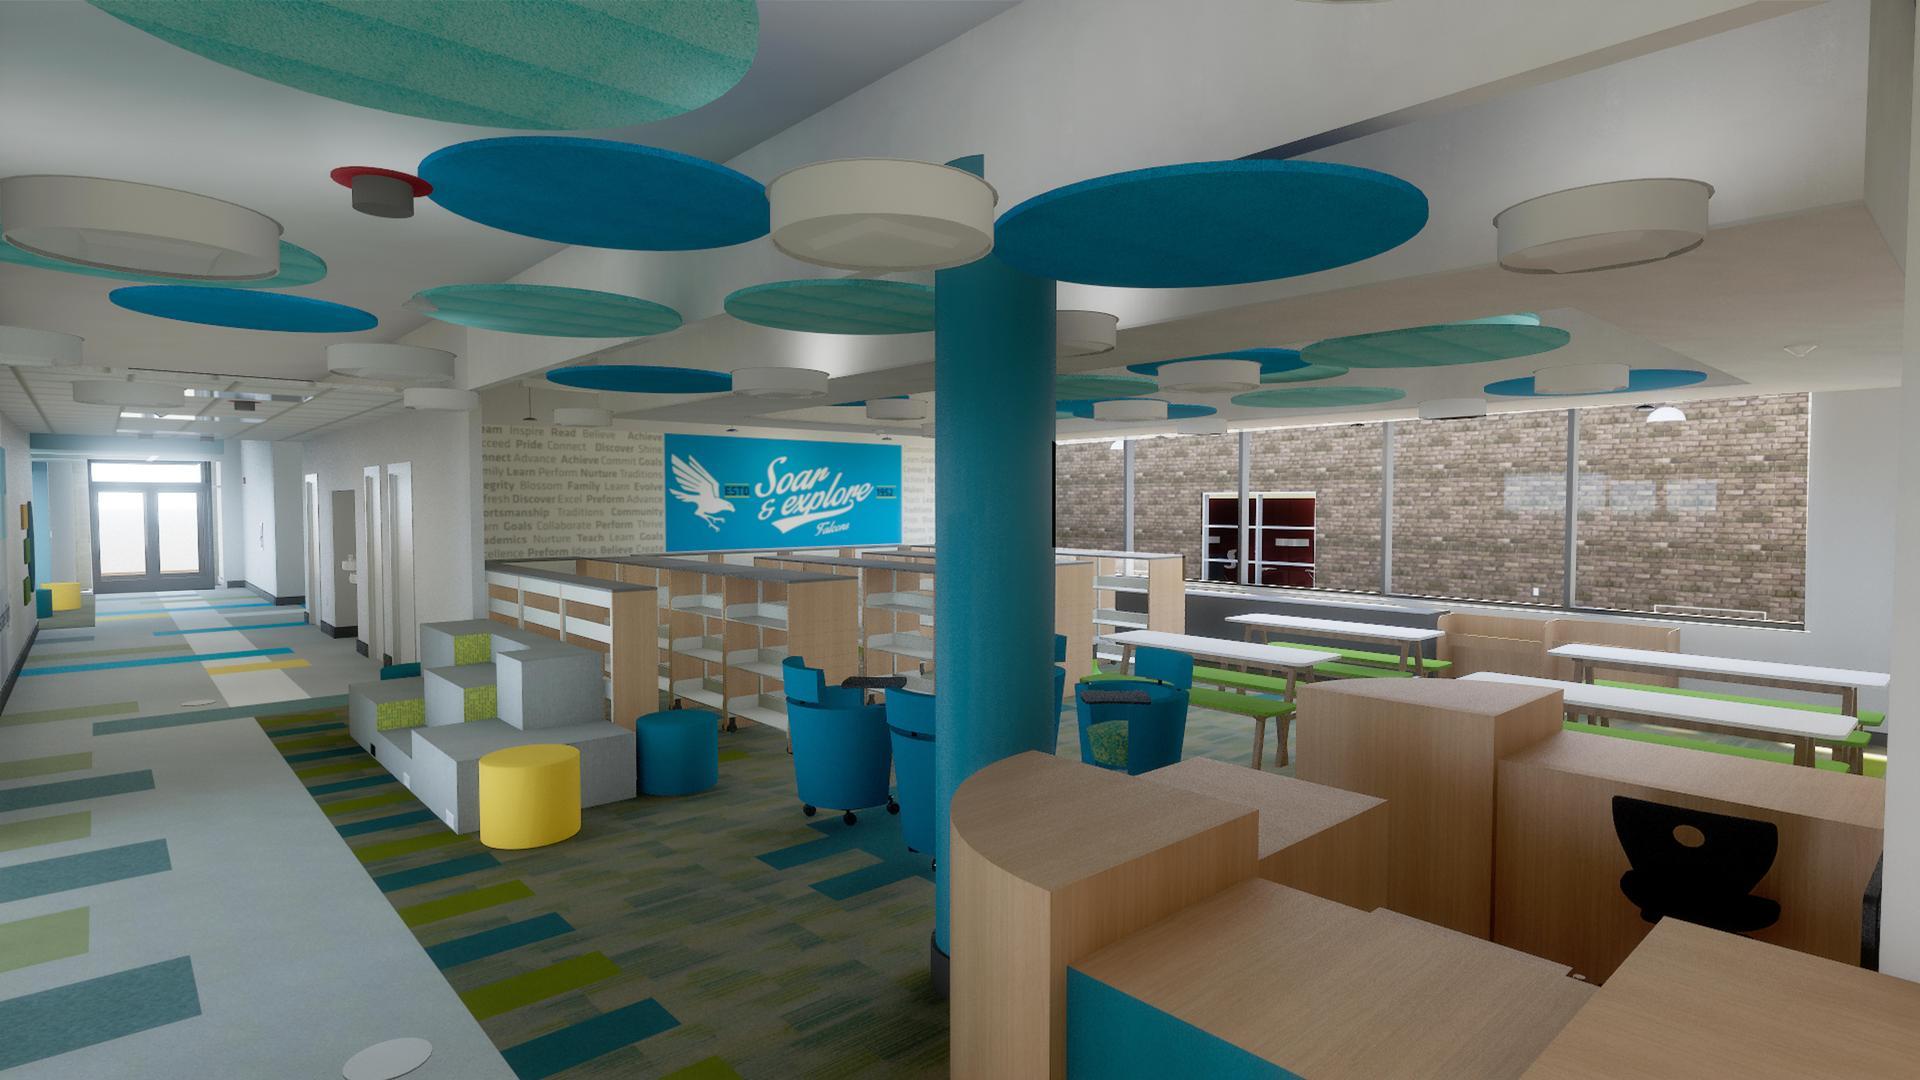 The new media center.